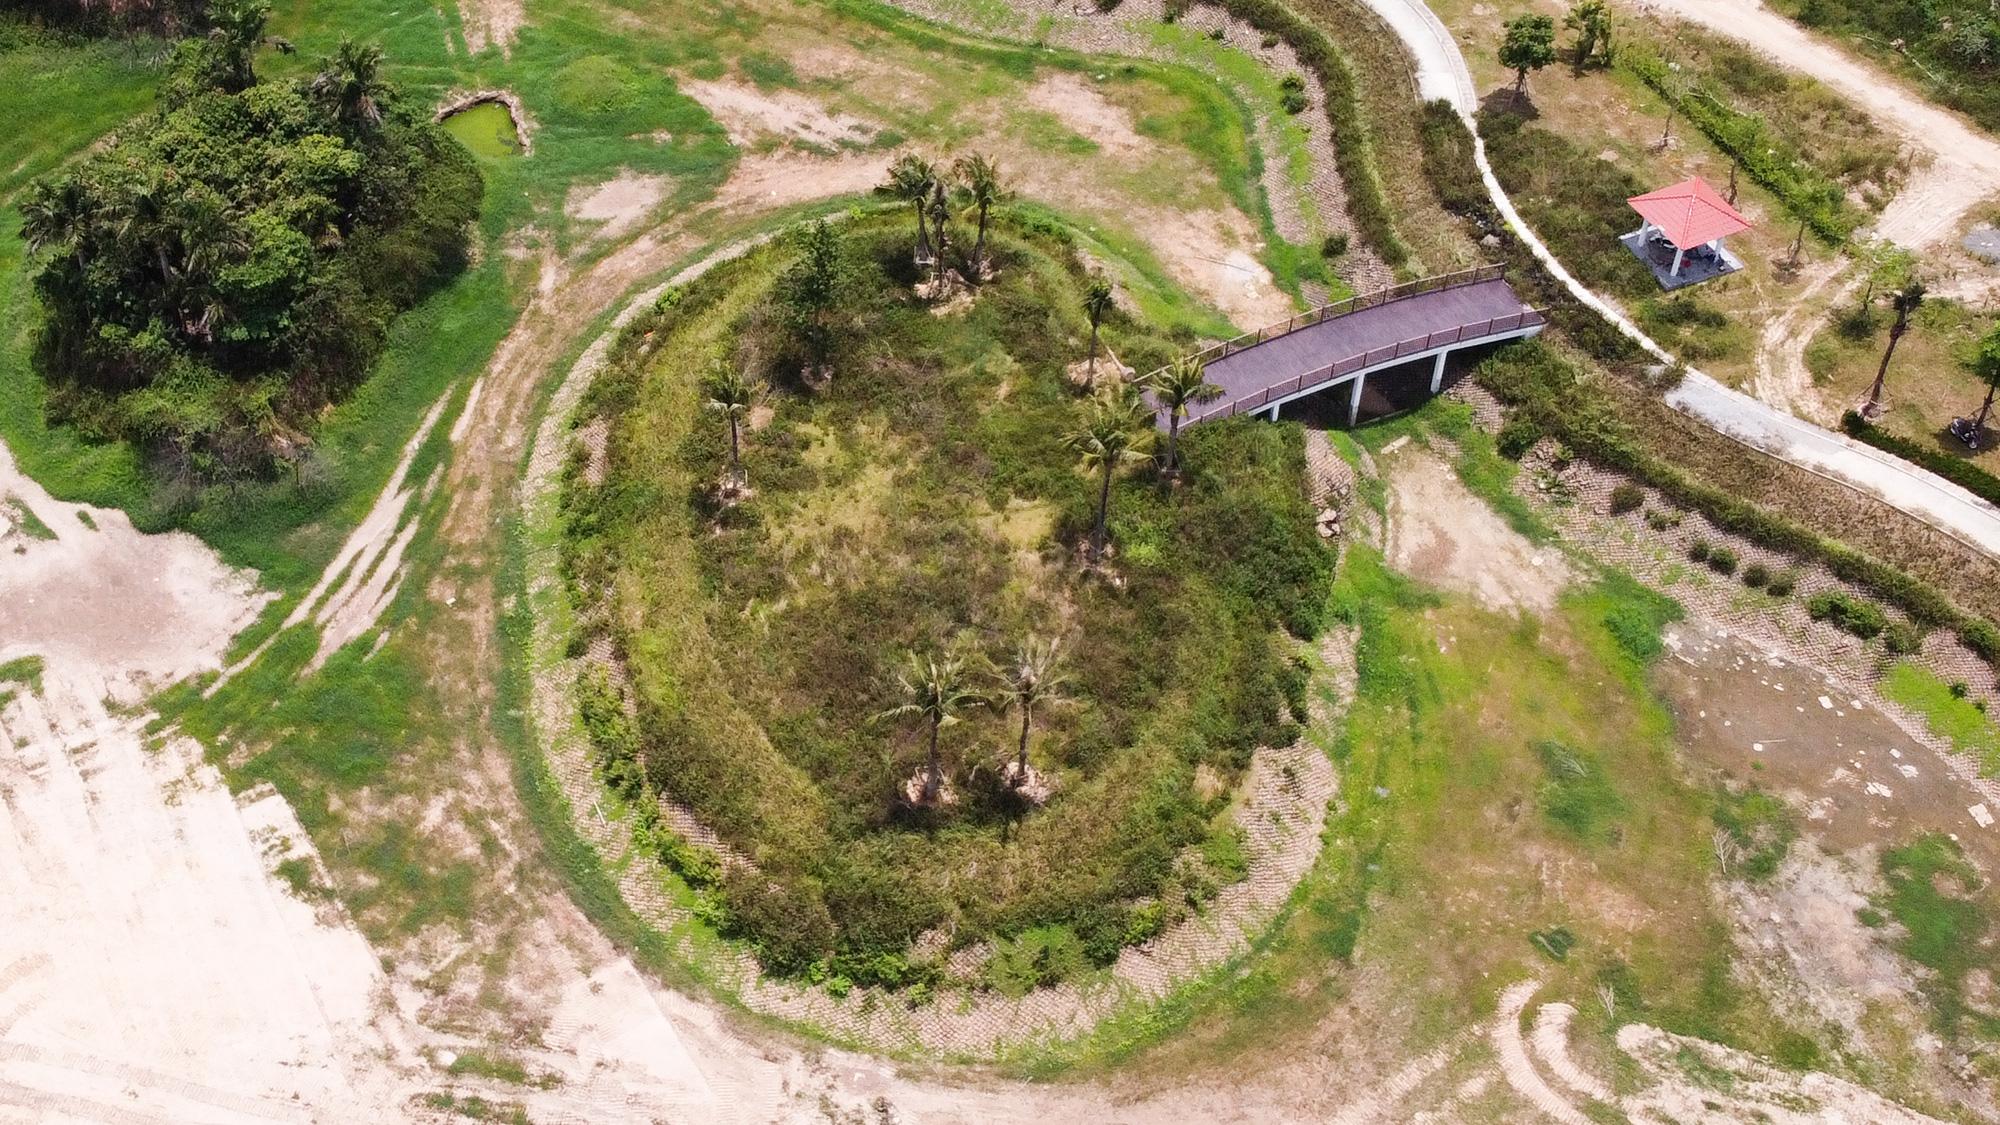 Công viên điều hòa Phùng Khoang nằm im sau 4 năm động thổ - Ảnh 11.